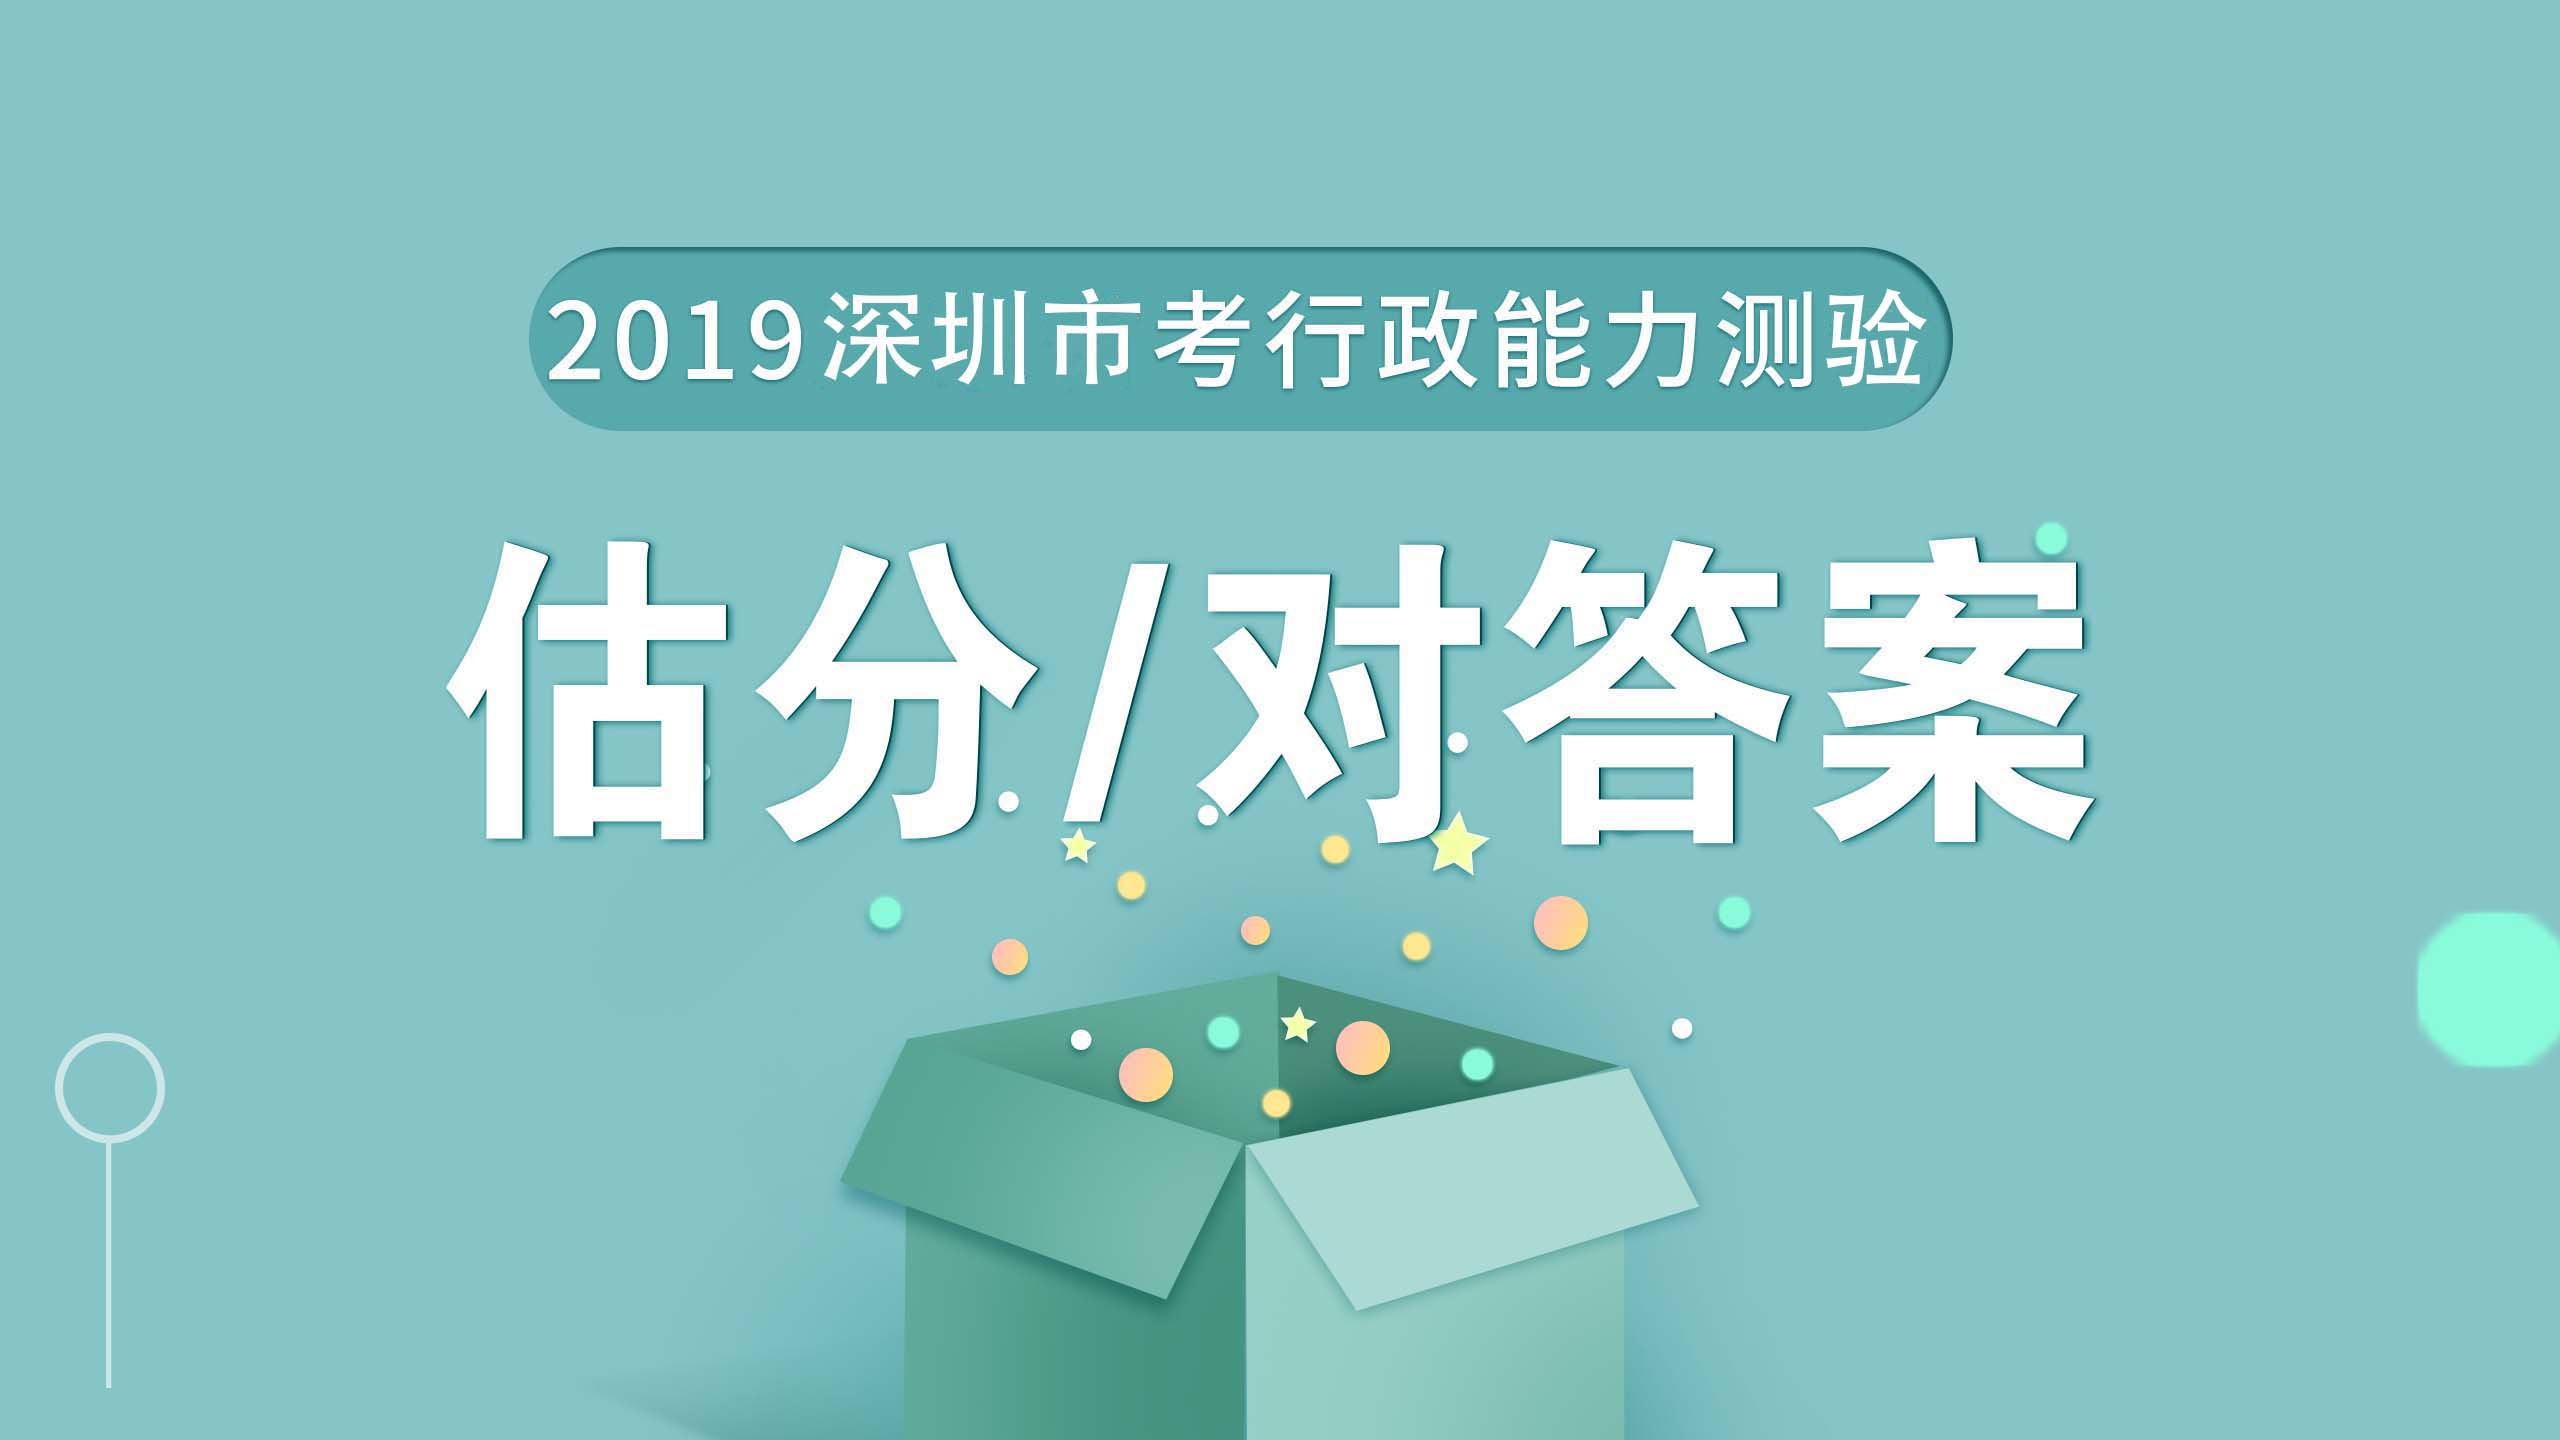 2019深圳市考估分及答案